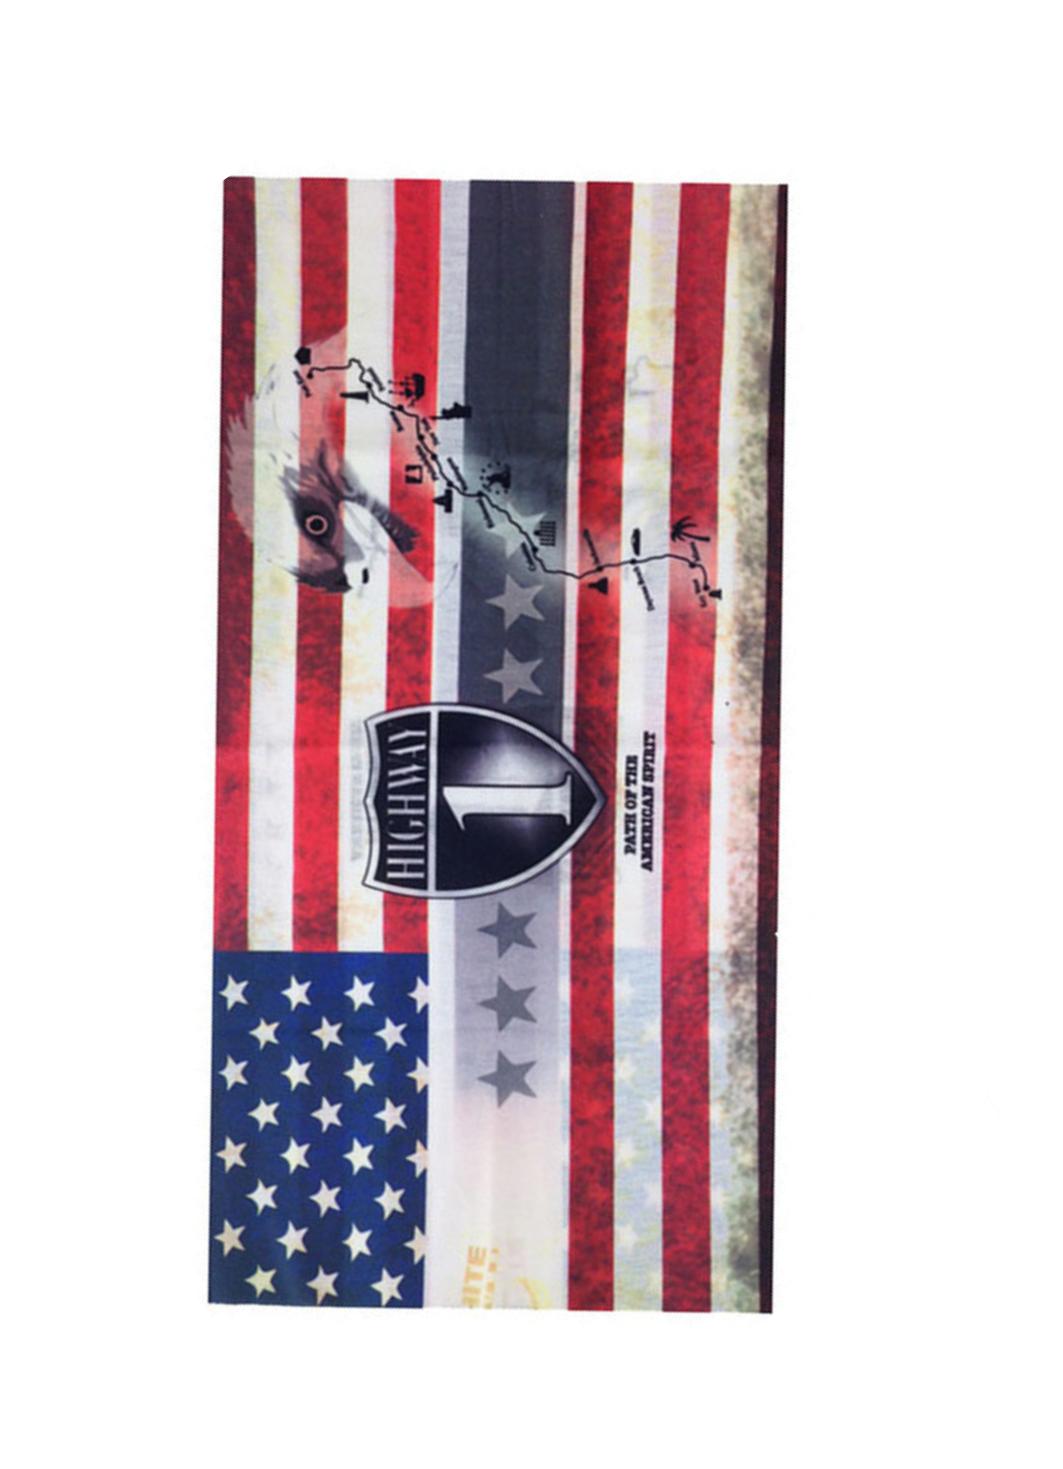 Шал за мотор с американско знаме